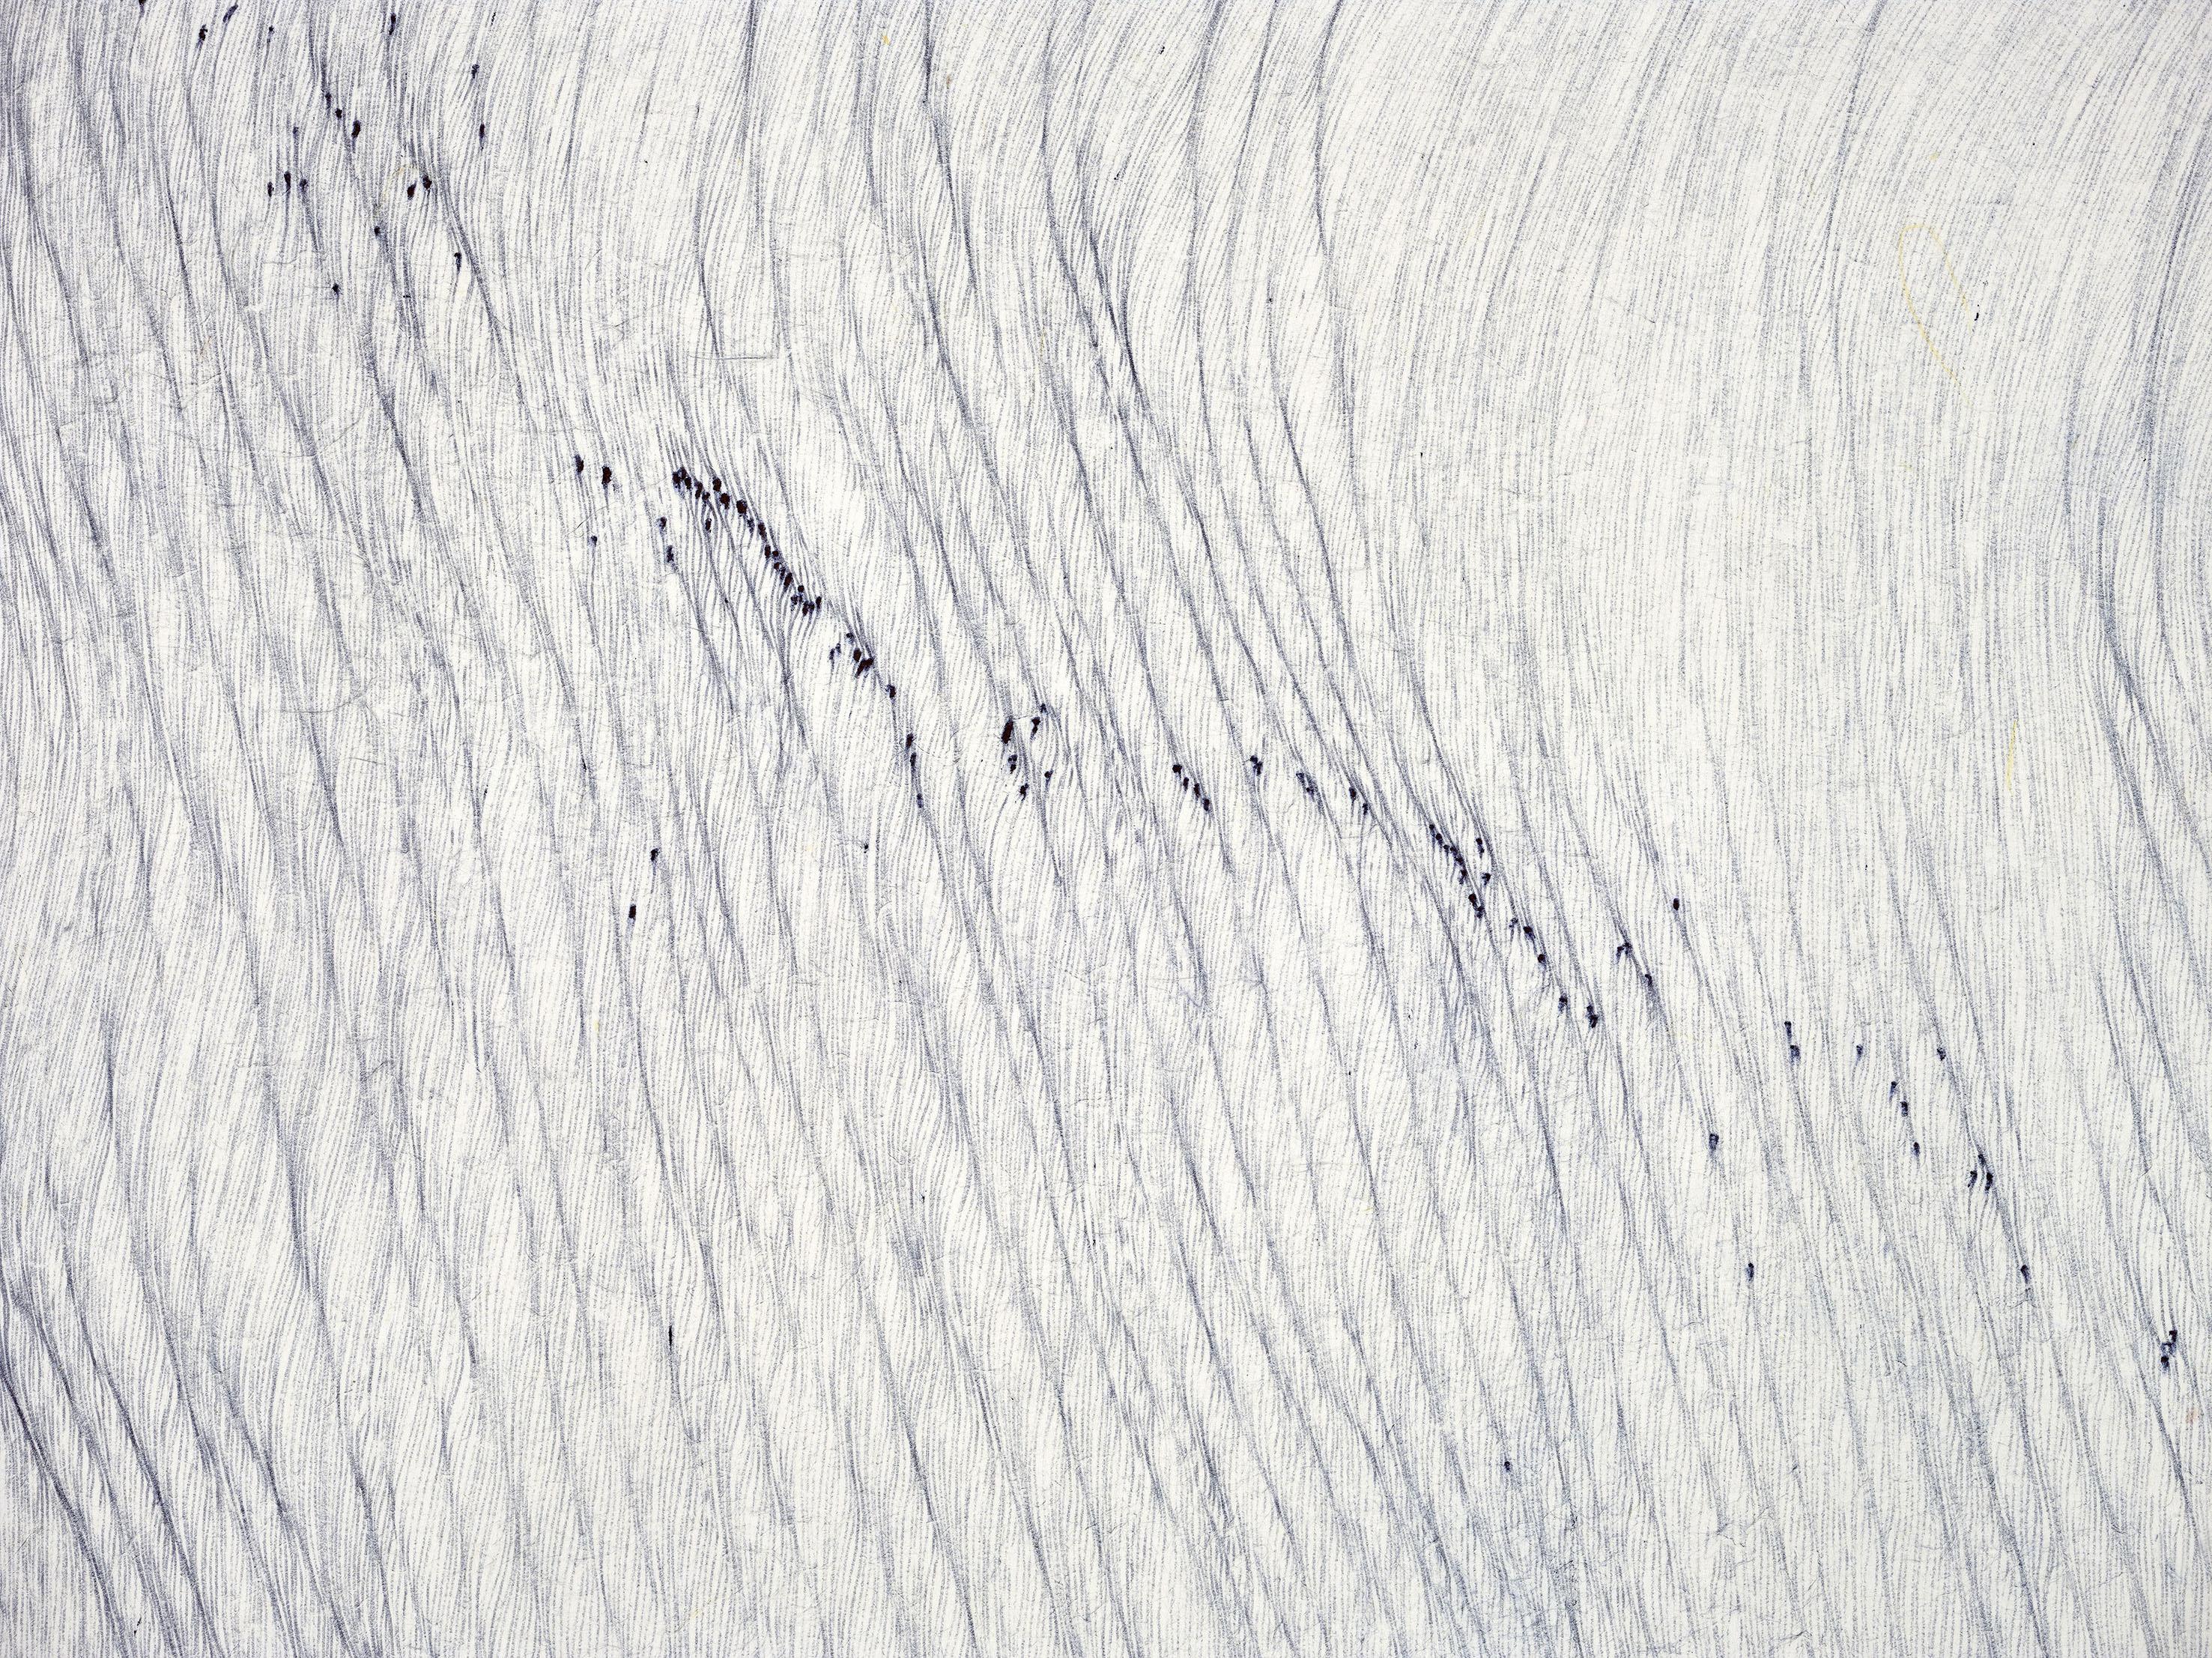 110b-a-rhythm-of-landscape-3-detail-1